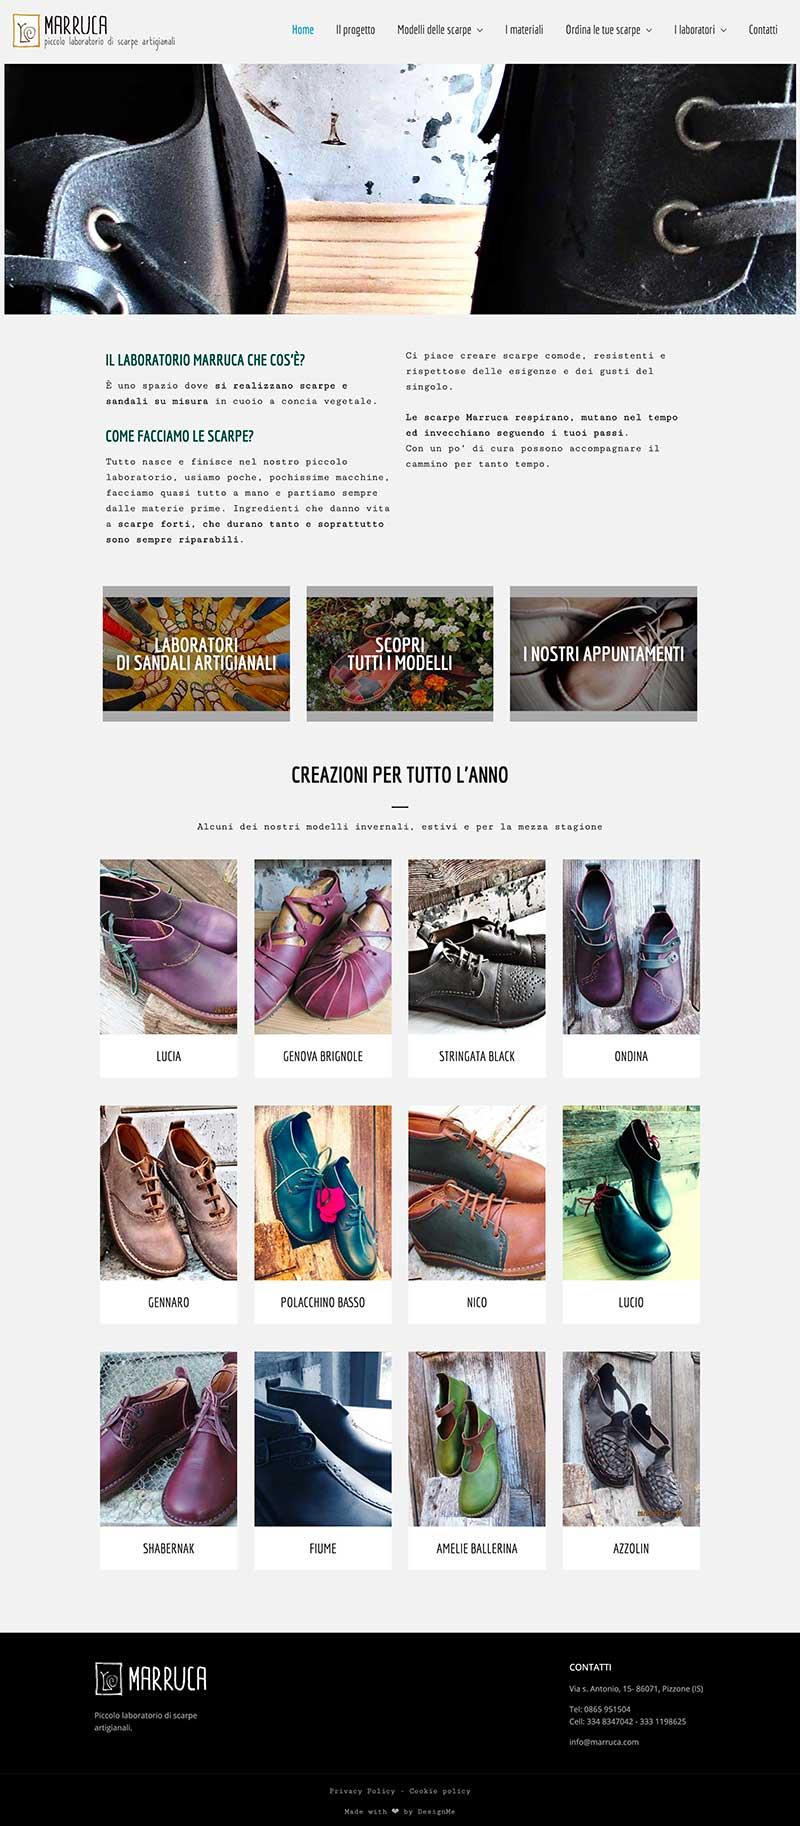 Laboratorio scarpe artigianali Marruca